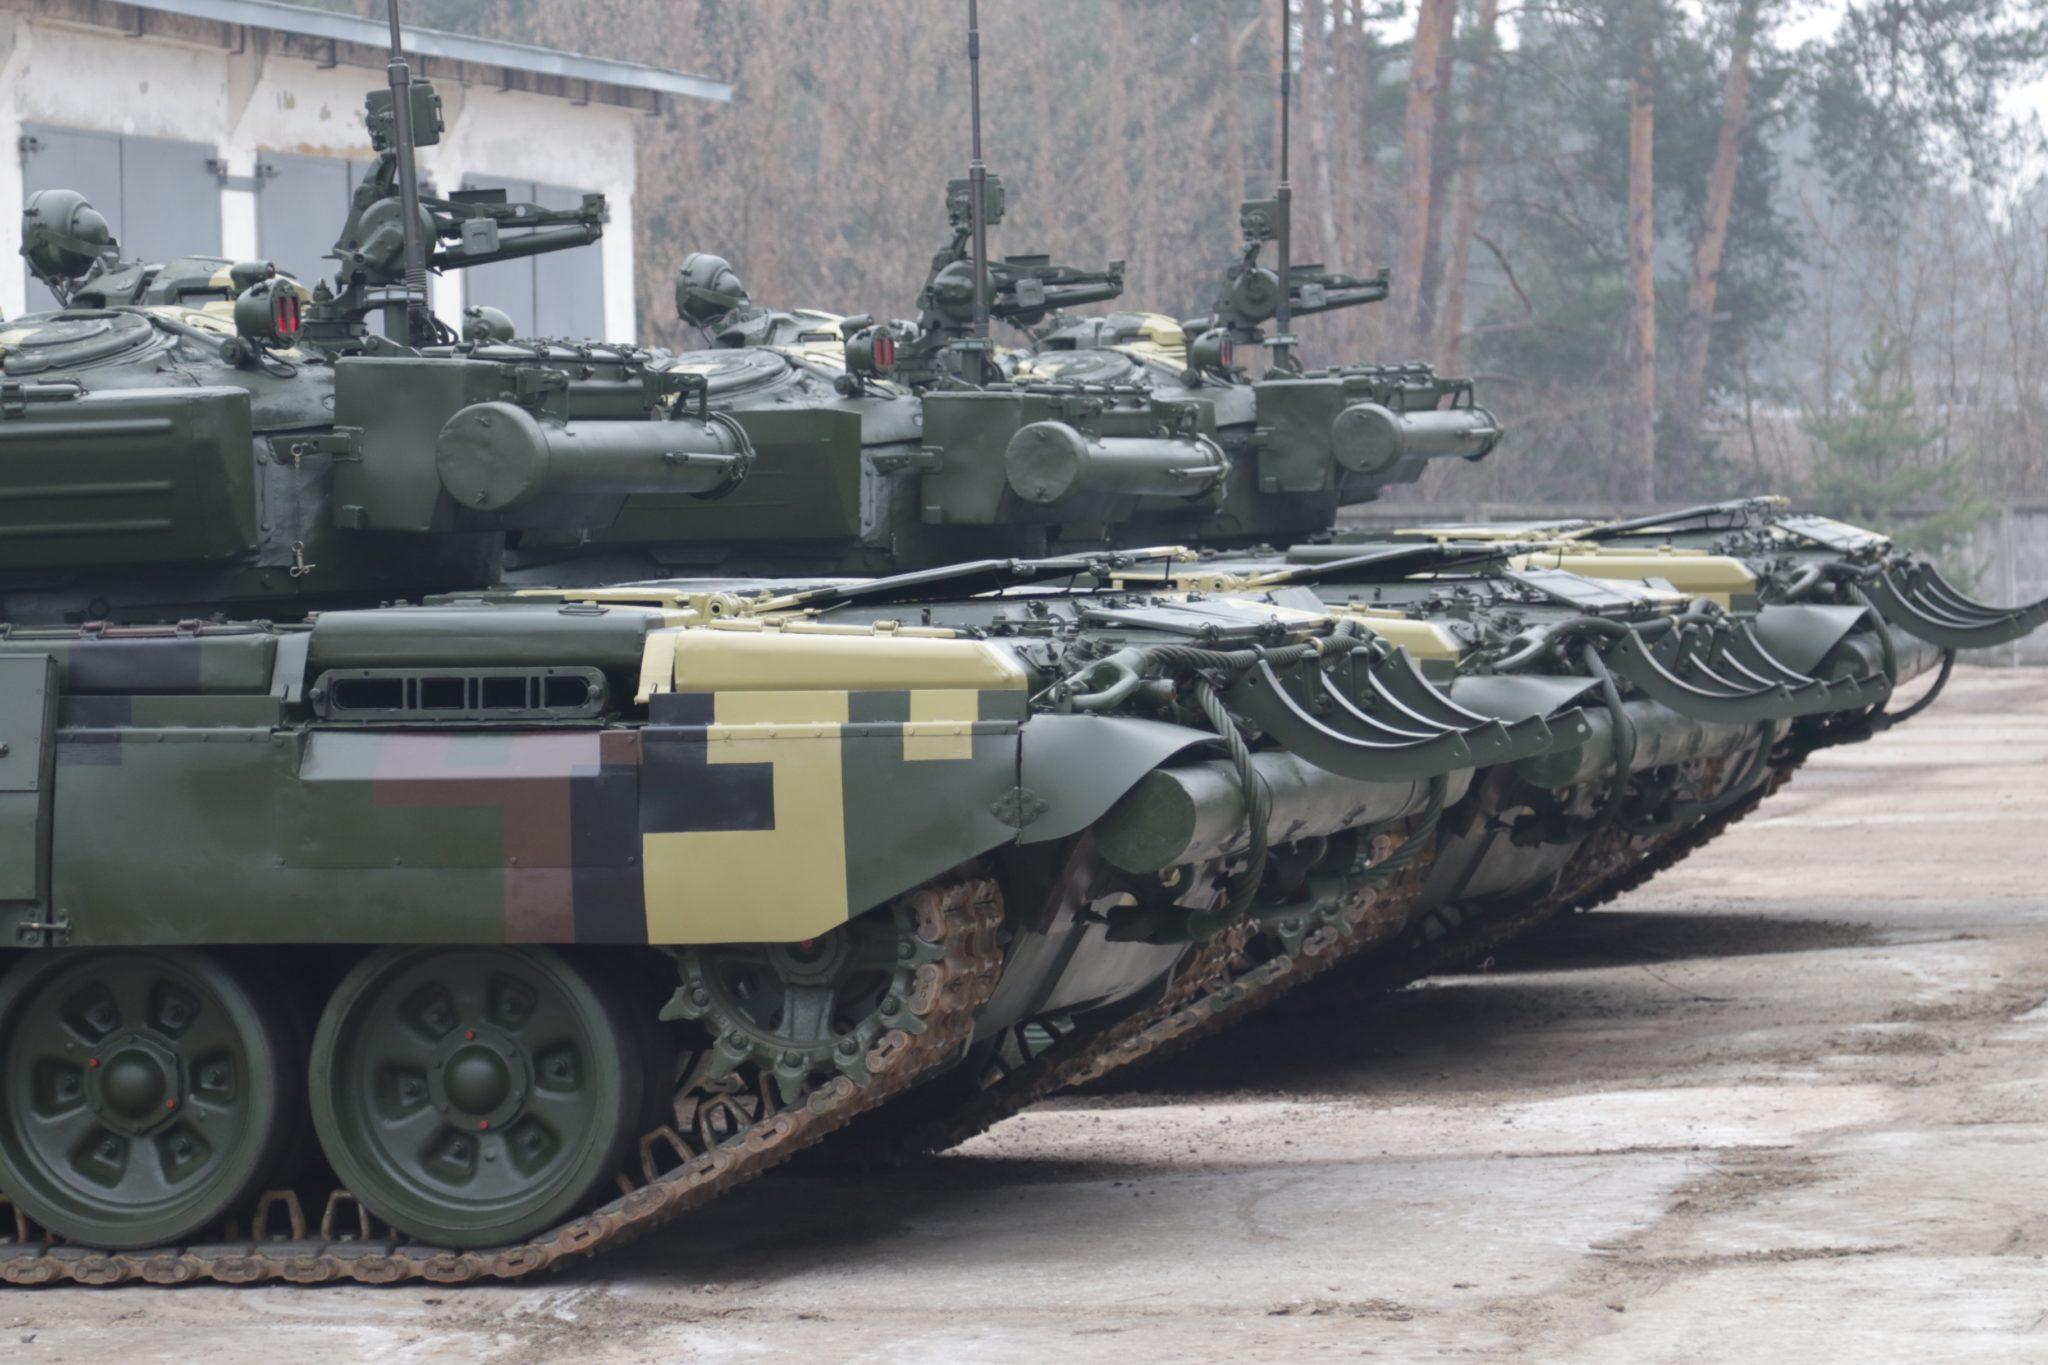 Советский танк до сих пор остается на вооружении многих стран / twitter.com/DefenceU